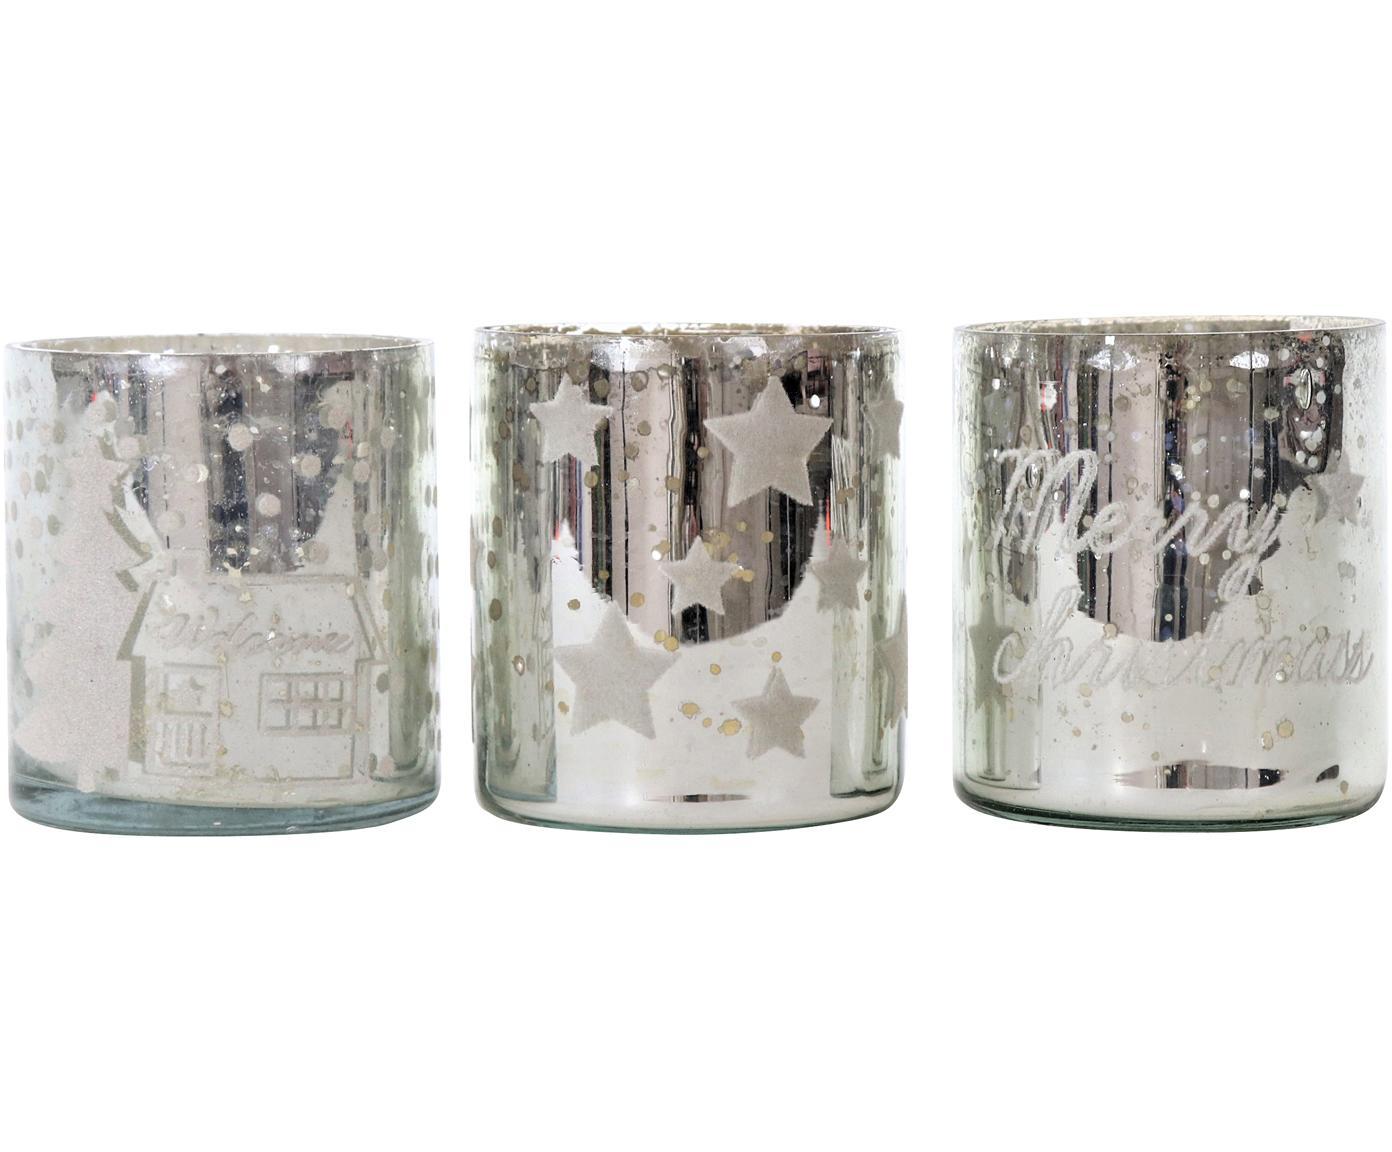 Windlichter-Set Merry Christmas, 3-tlg., Glas, Silberfarben, Ø 7 x H 8 cm